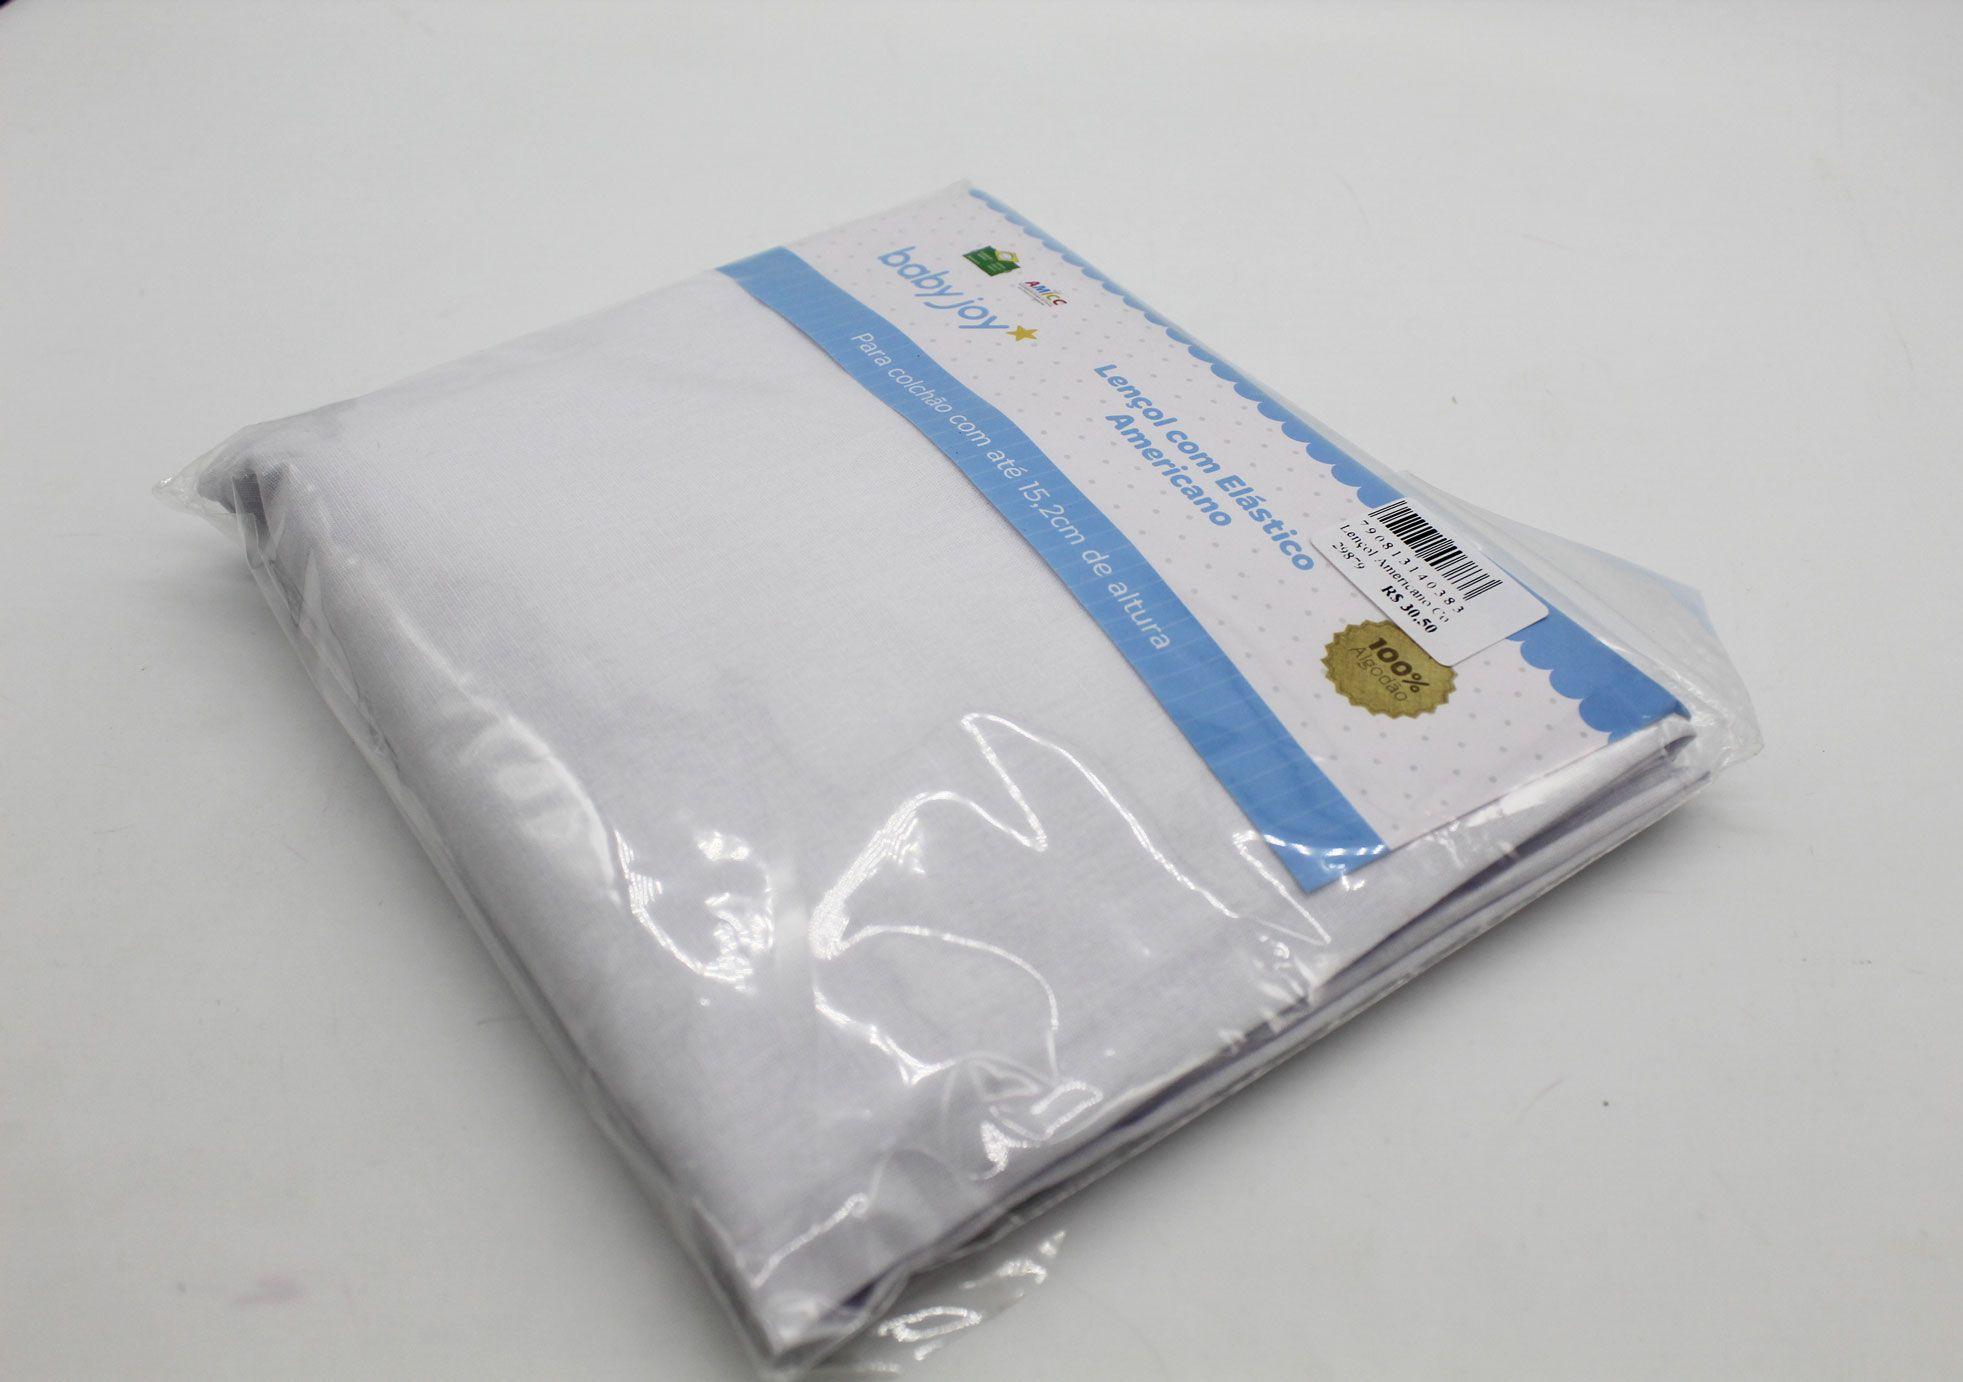 Lençol Americano Elástico Cor Branco - Baby Joy Ref 04002001010002